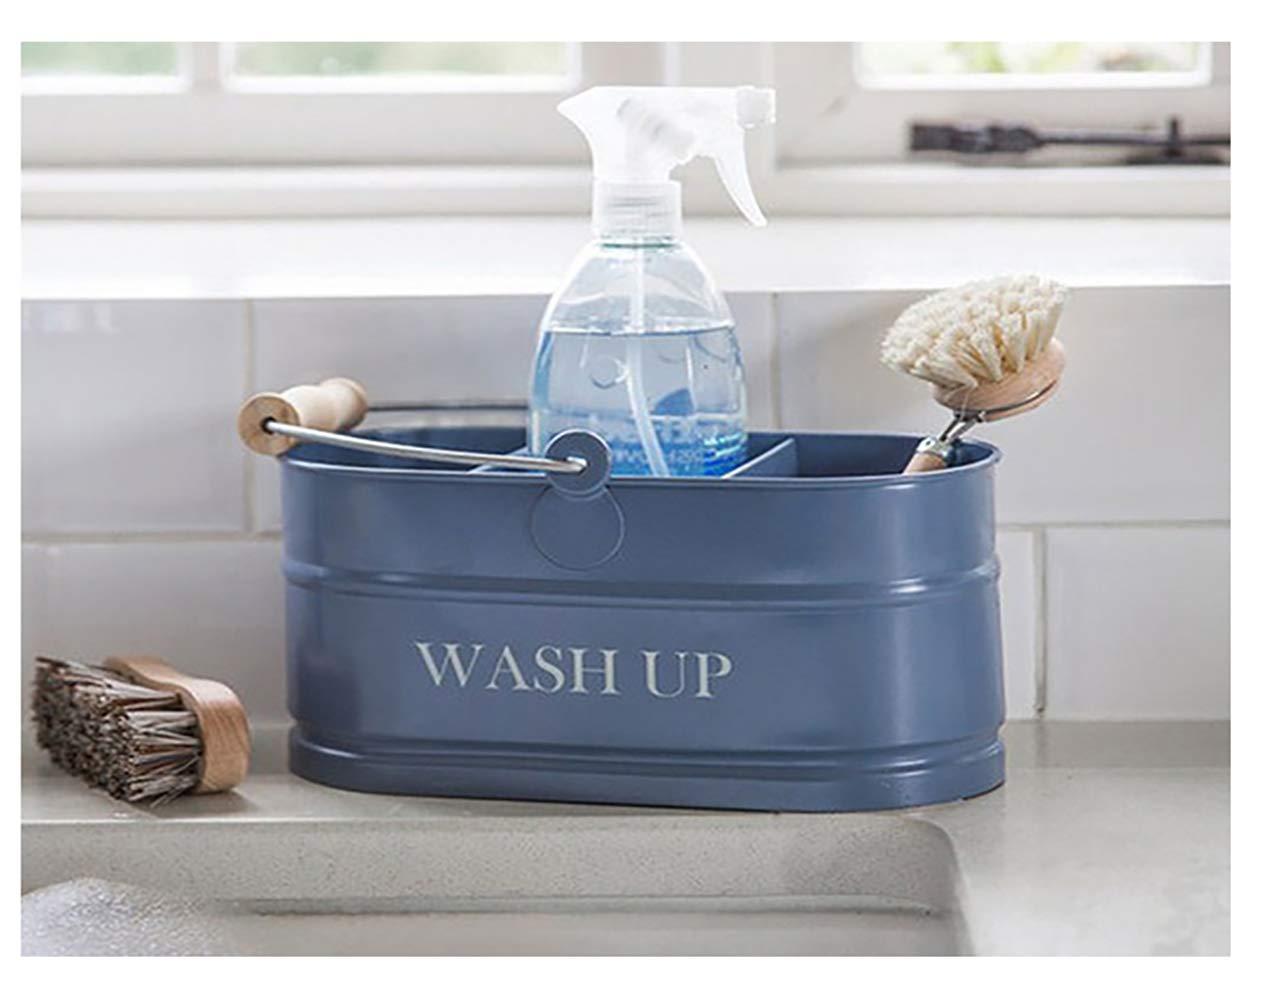 Kitchen Sink Blue Enamel Washing Up Sink Tidy Shabby Chic